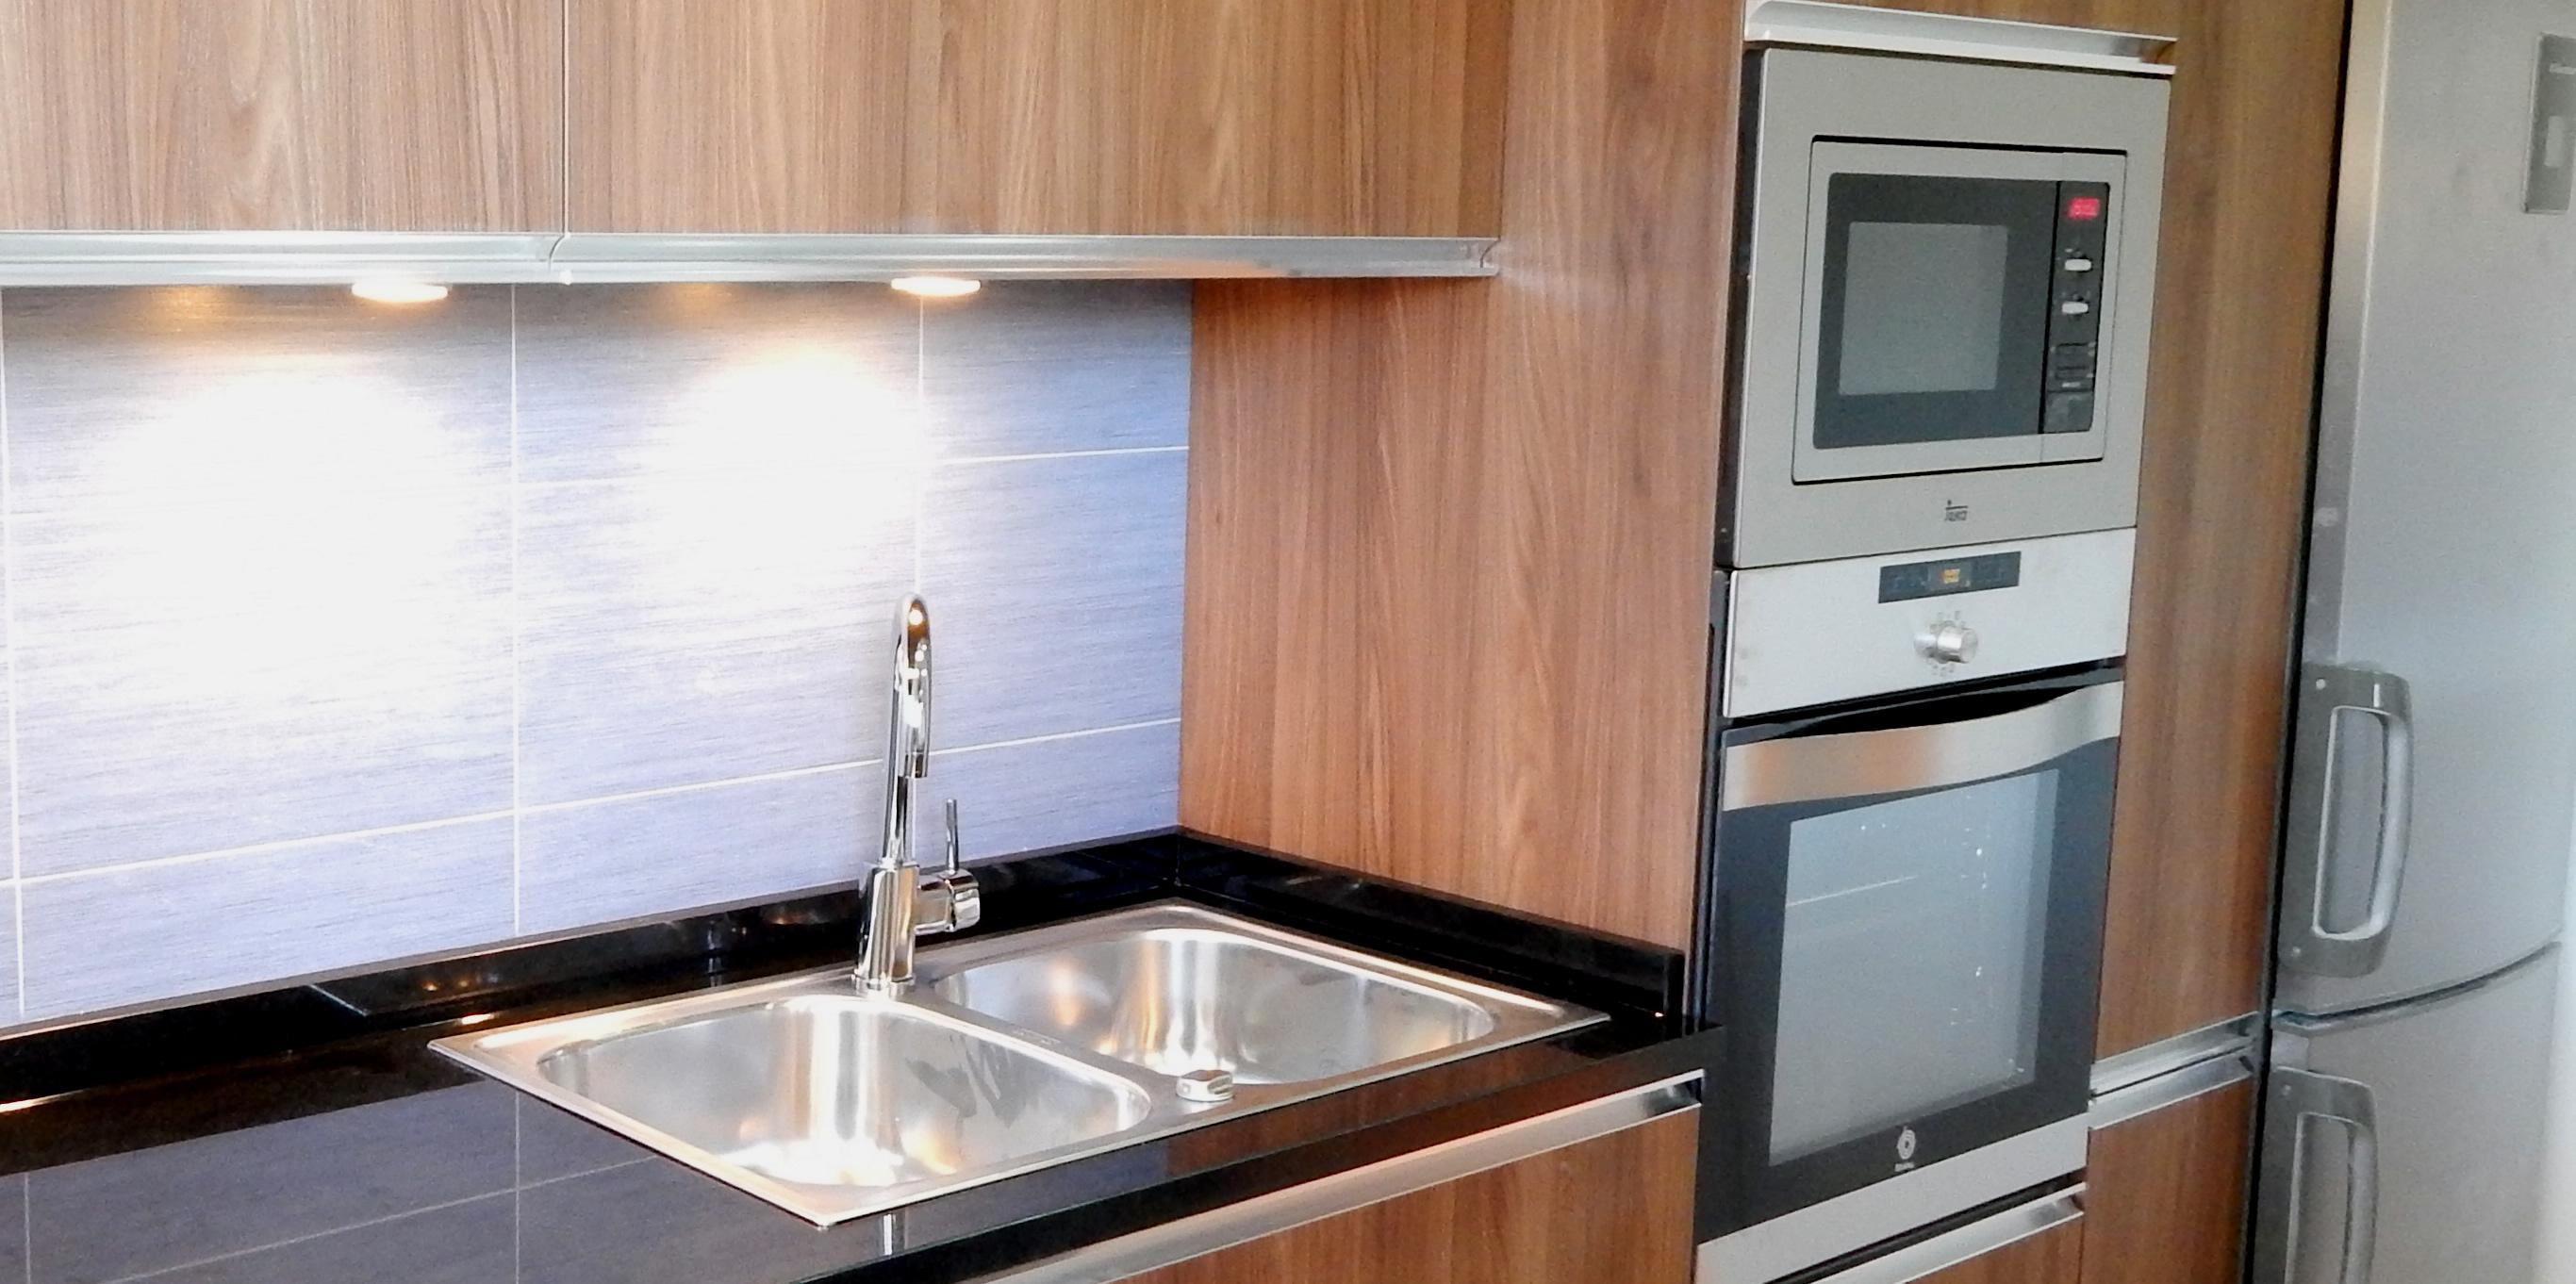 Muebles de cocina en madera for Muebles de cocina precios y modelos